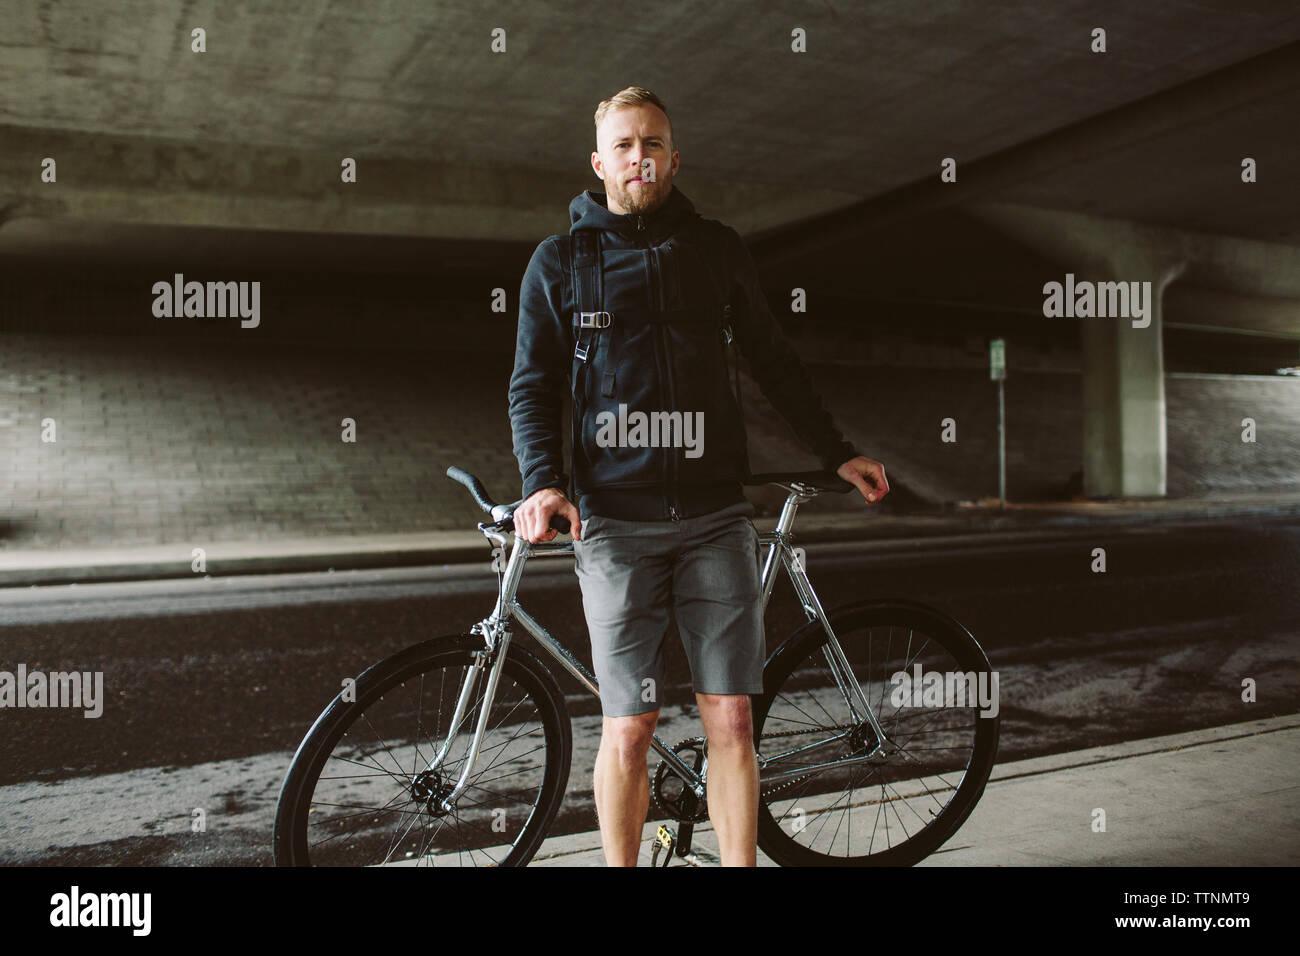 Portrait de l'homme confiant permanent de banlieue en vélo sur le pont Banque D'Images